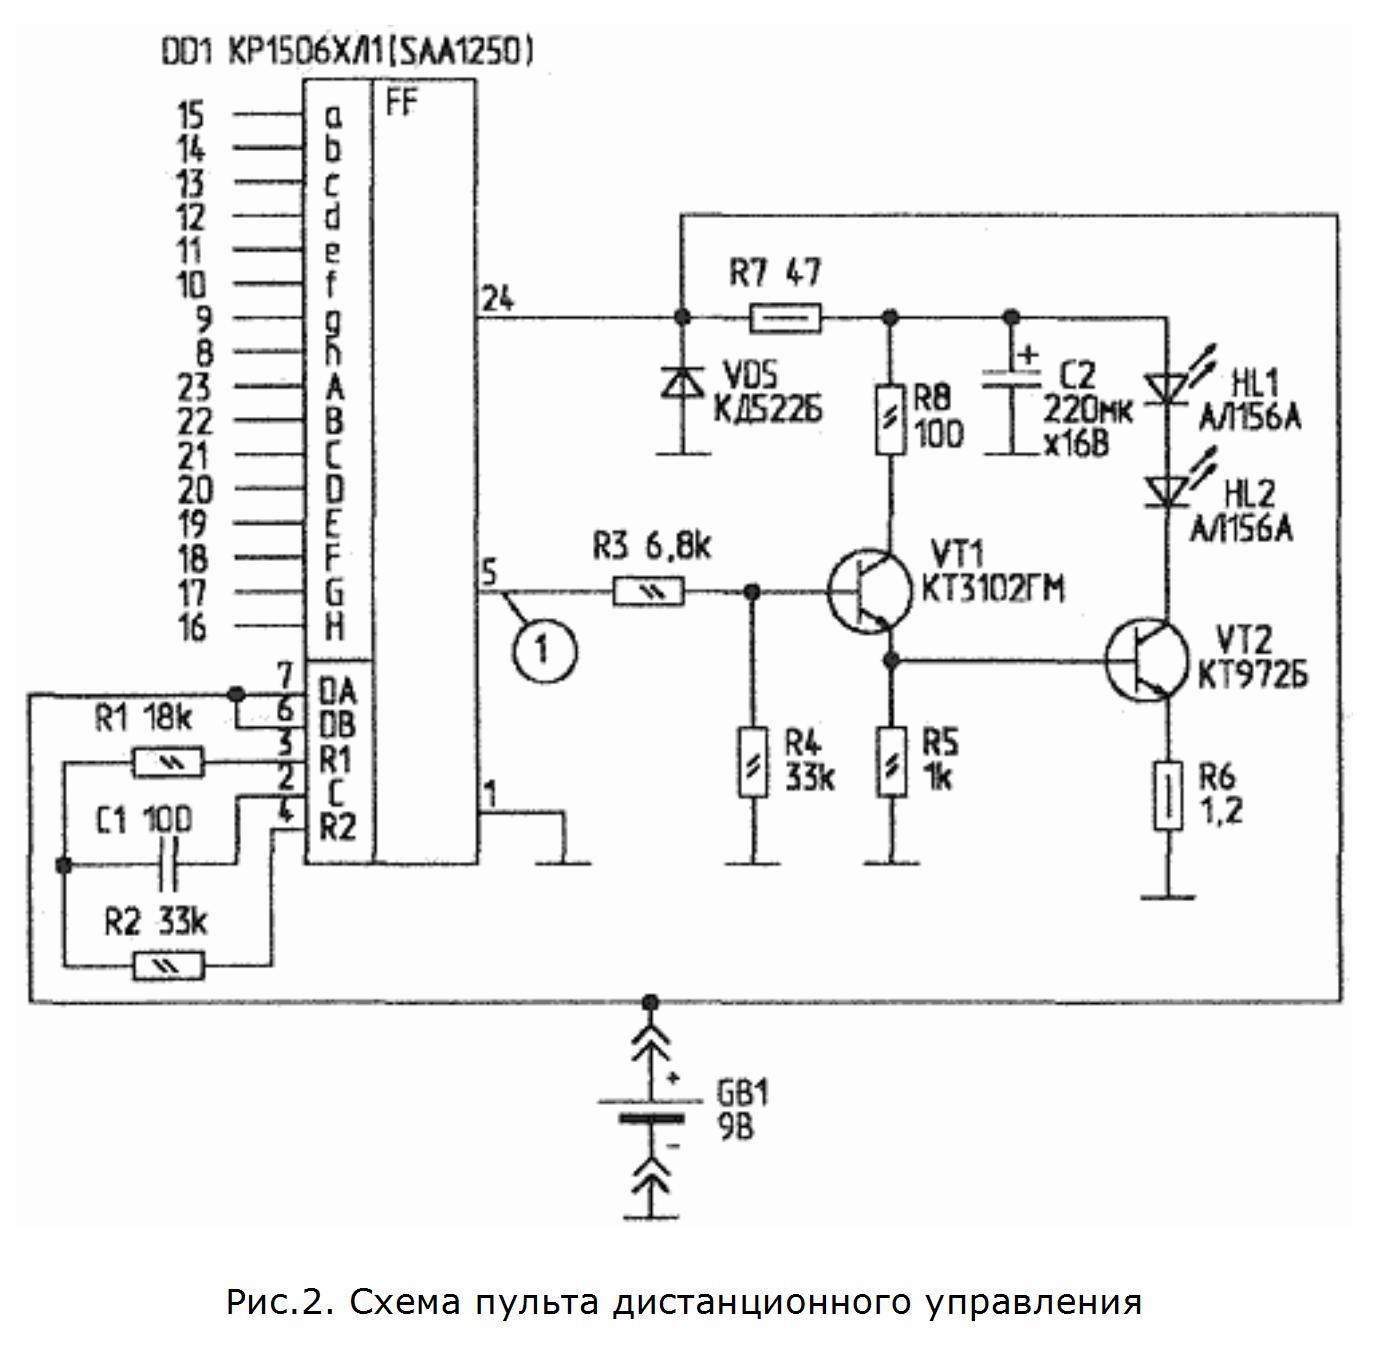 Схема пульта дистанционного управления для кондиционера